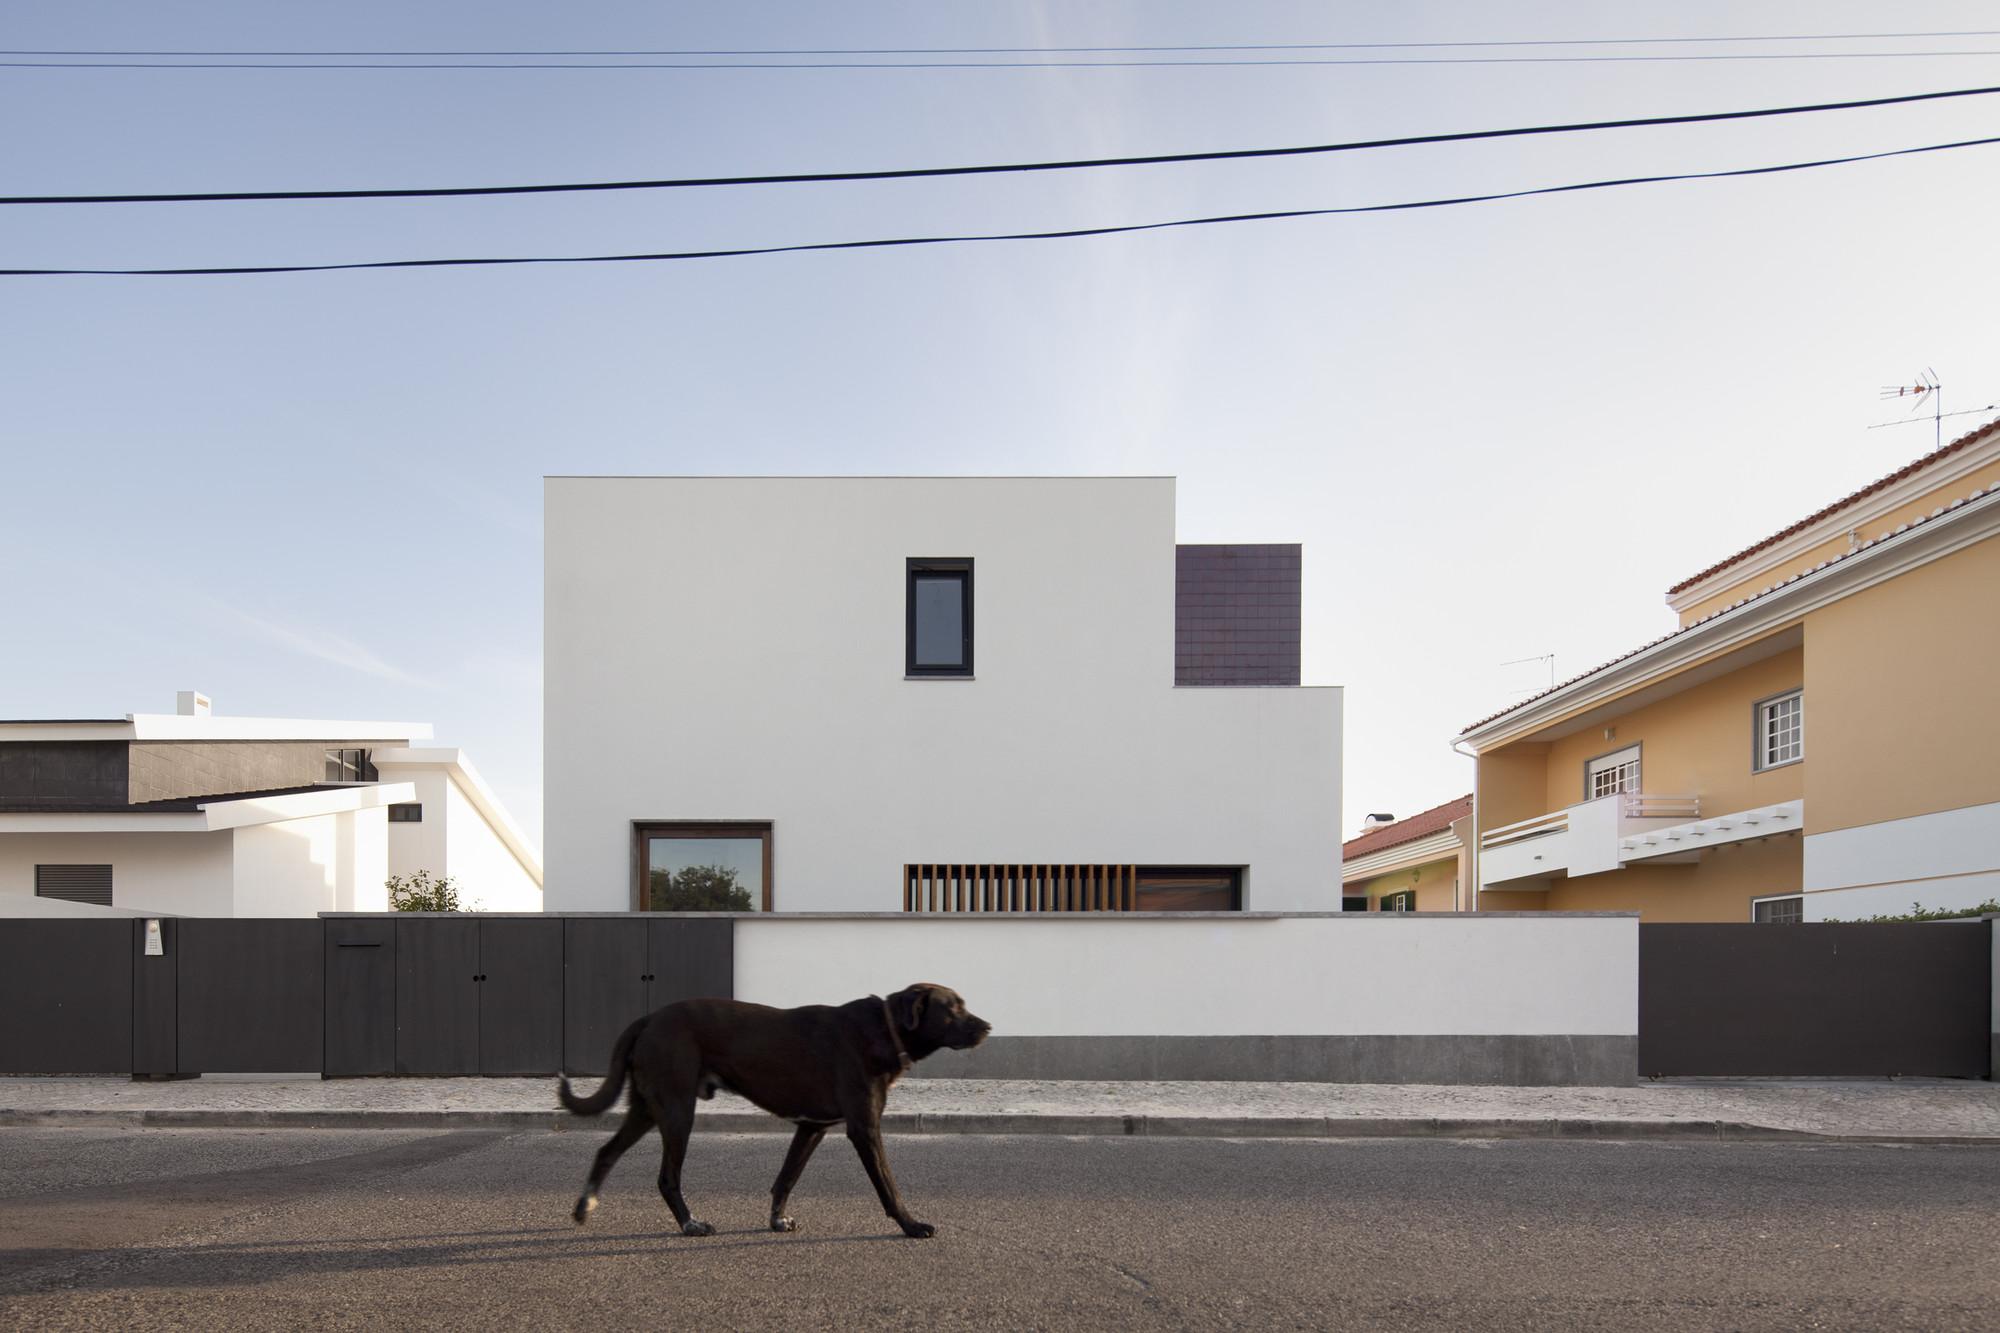 Casa en Pêro Pinheiro / brunosilvestreARCHITECTURE, © Fernando Guerra I FG+SG